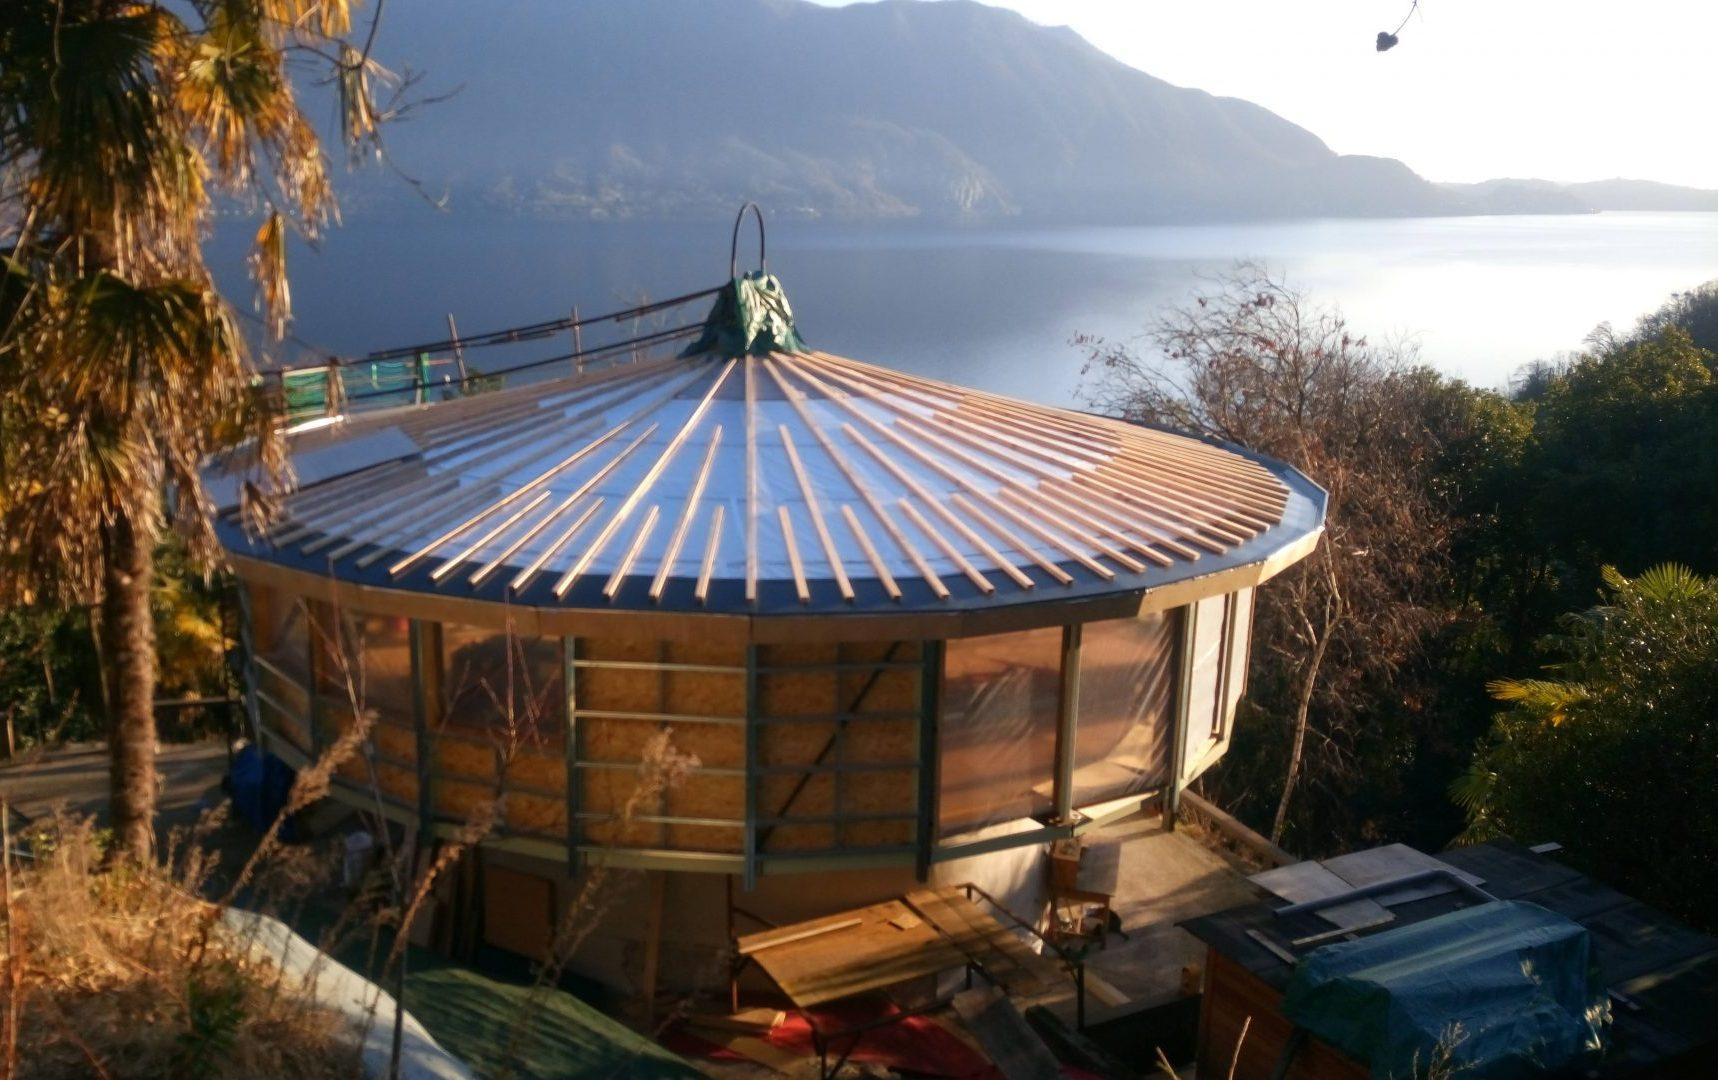 Fotografia della Casa dell'Orologiaio, unico esempio di casa rotante sul Lago Maggiore